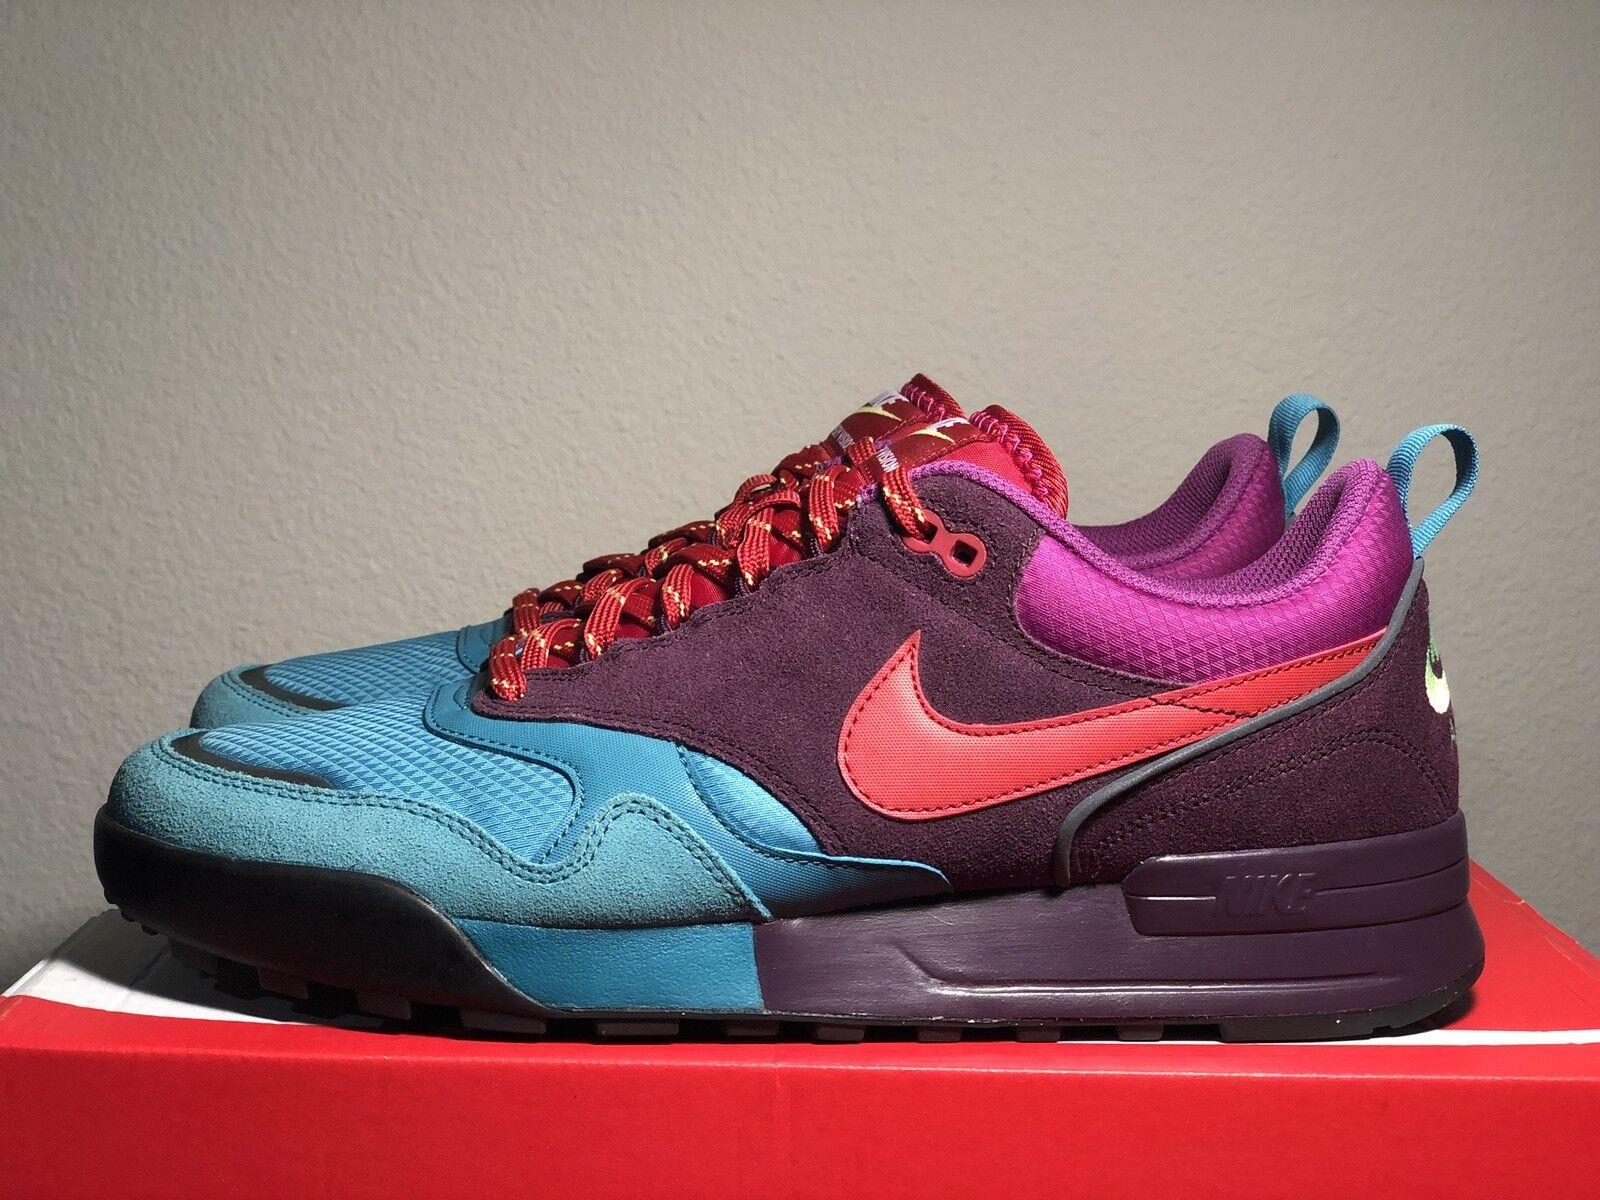 Nike air männer odyssee vor, männer air - größe 10,5 / b83d40